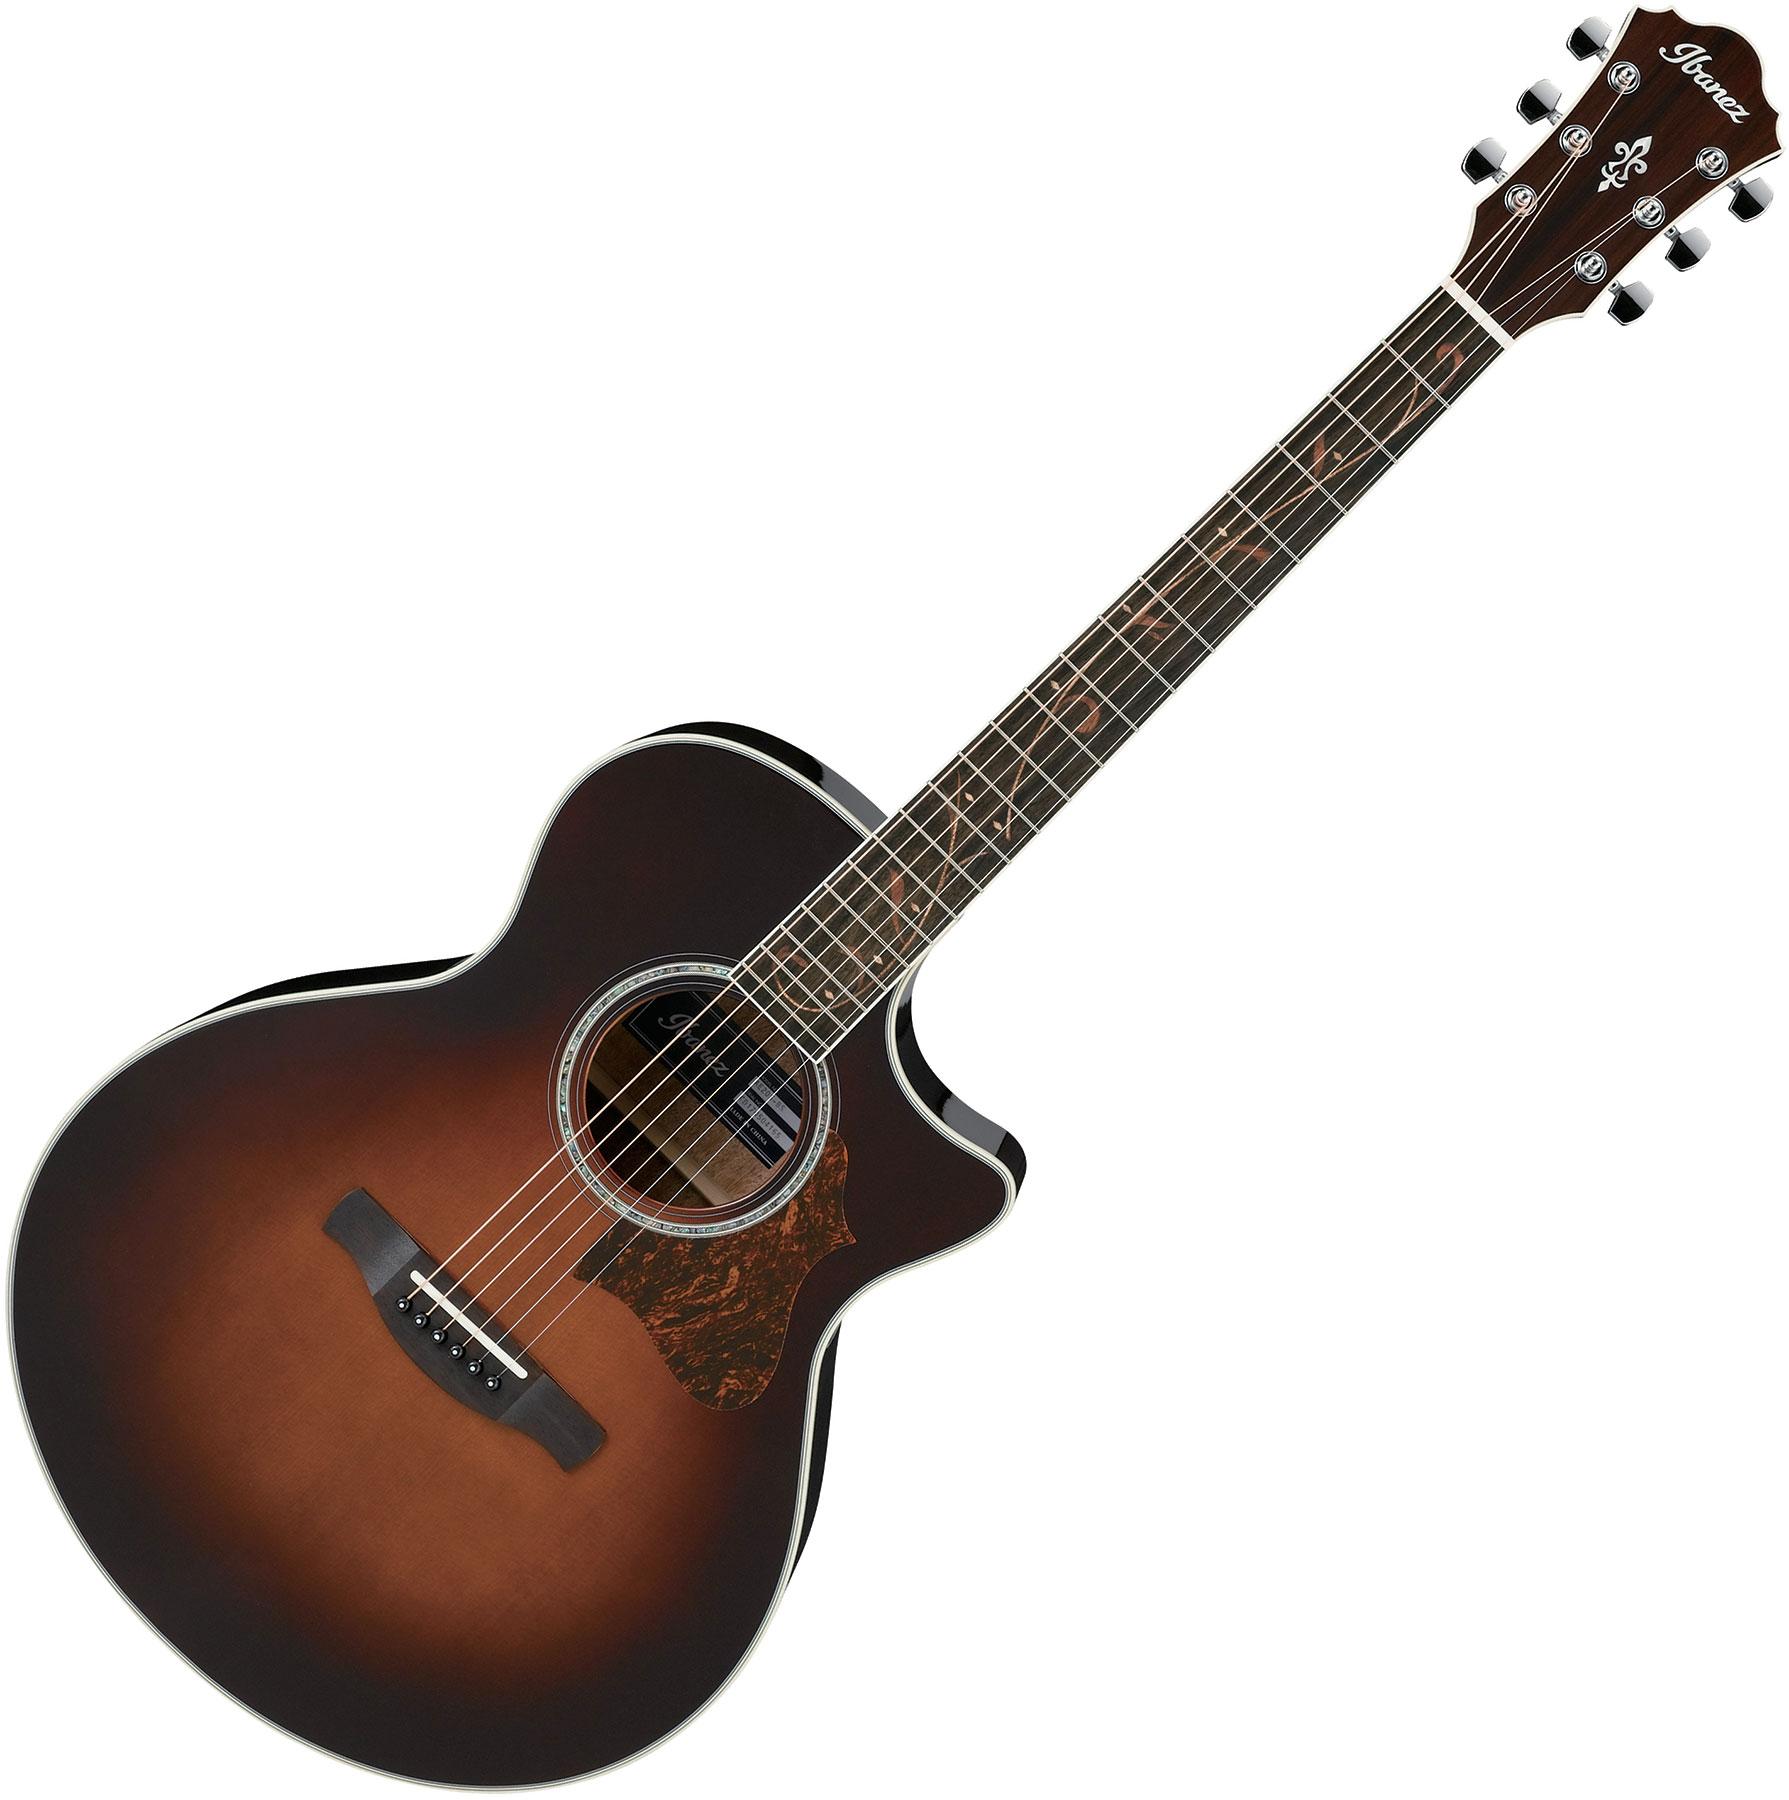 Musical Instruments & Gear Guitare électro-acoustique Ibanez Ae205bs Brown Sunburst Guitars & Basses